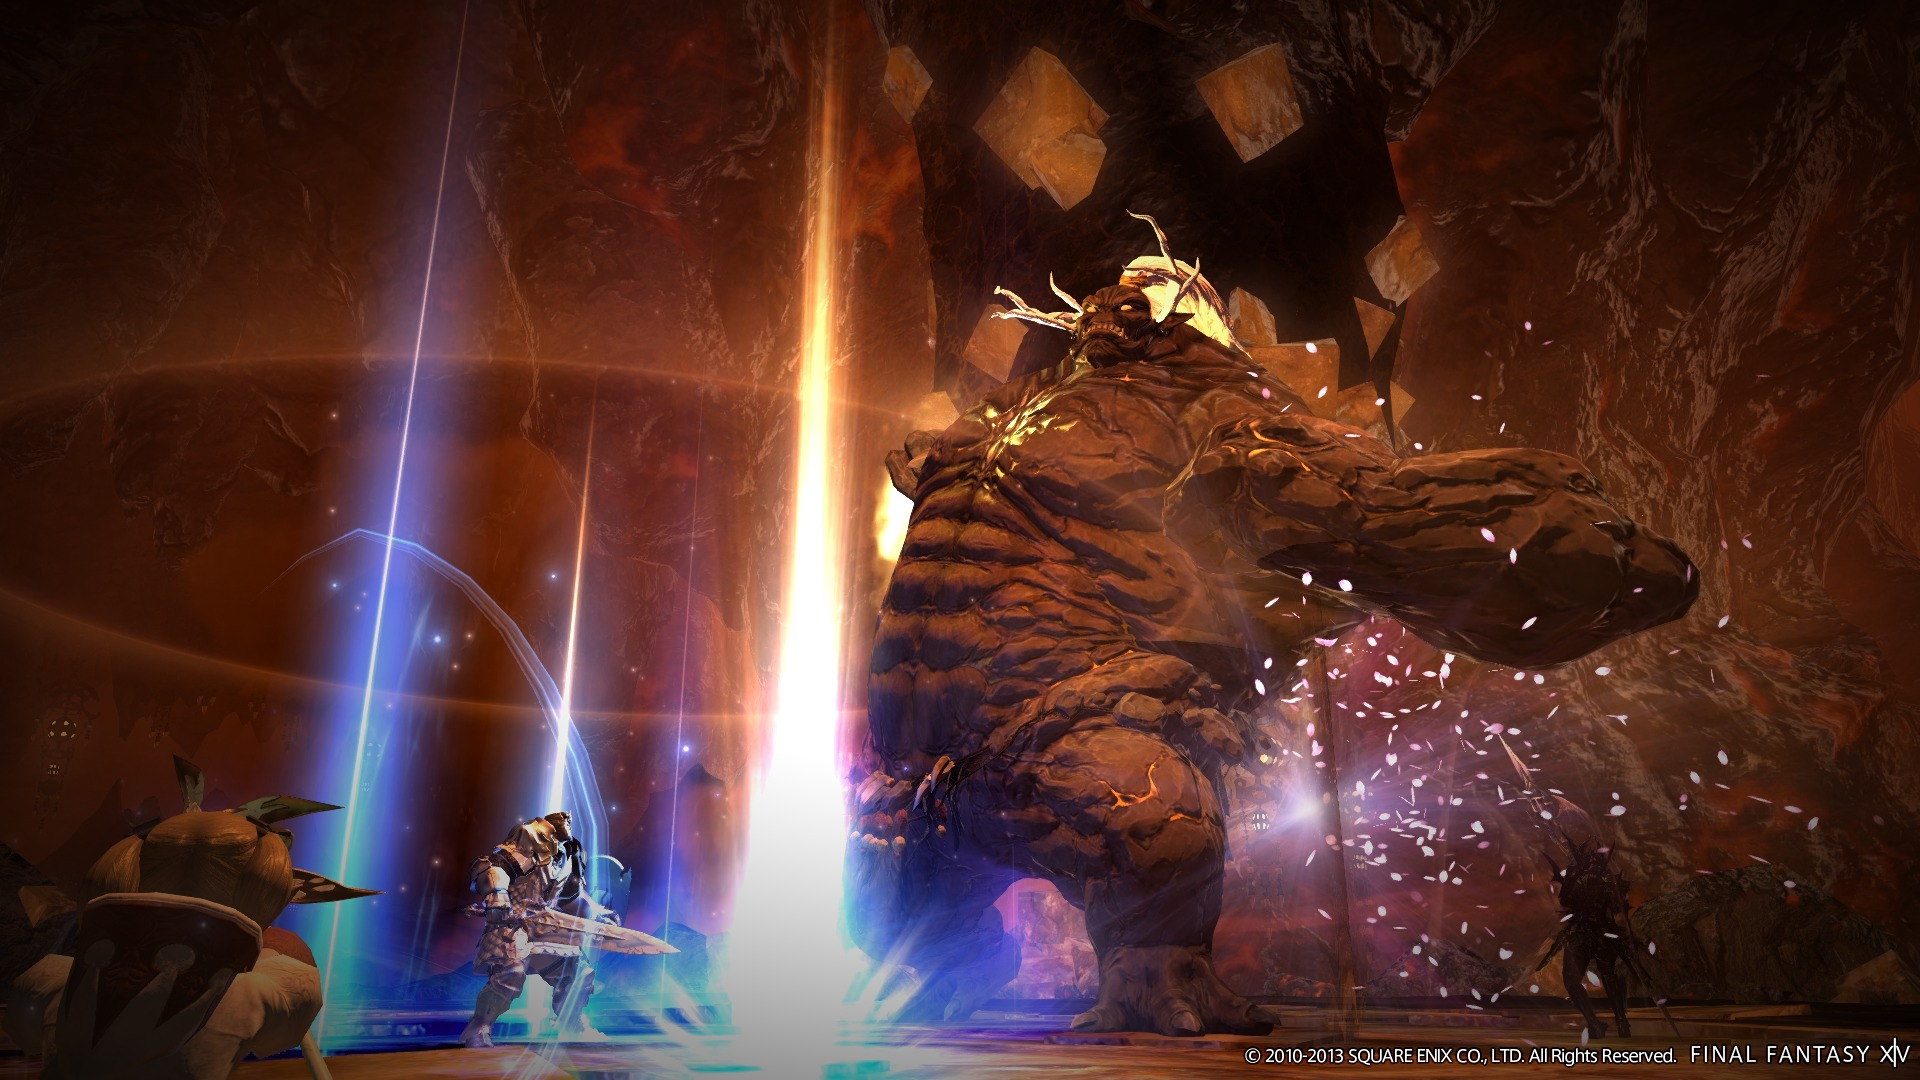 Final Fantasy XIV: rimossa la limitazione di 15 giorni per il trial